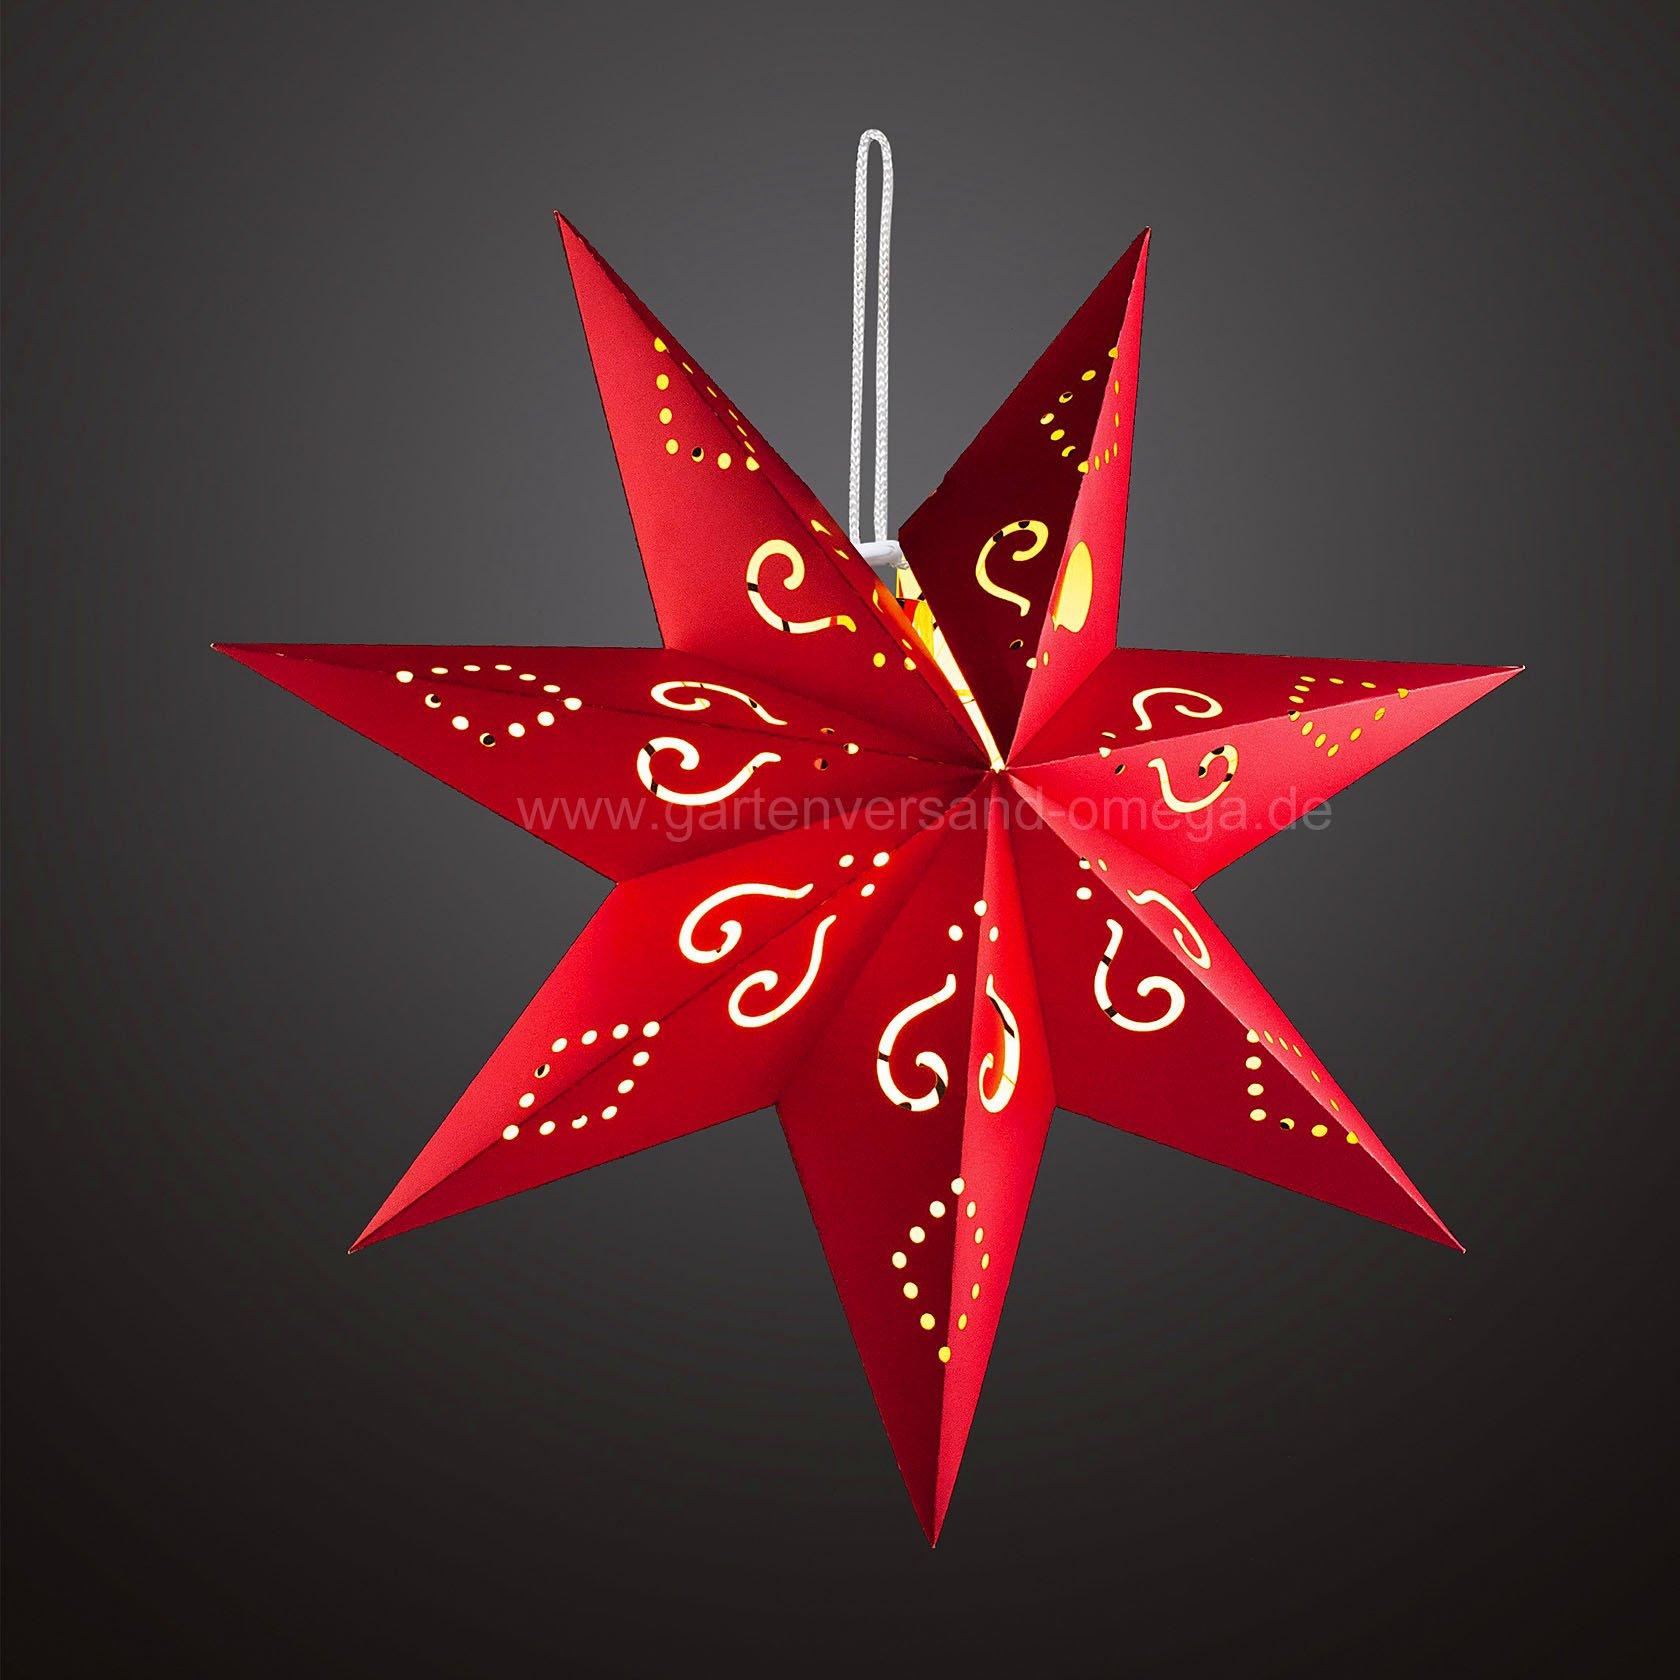 fensterschmuck weihnachten beleuchtet weihnachtliche. Black Bedroom Furniture Sets. Home Design Ideas